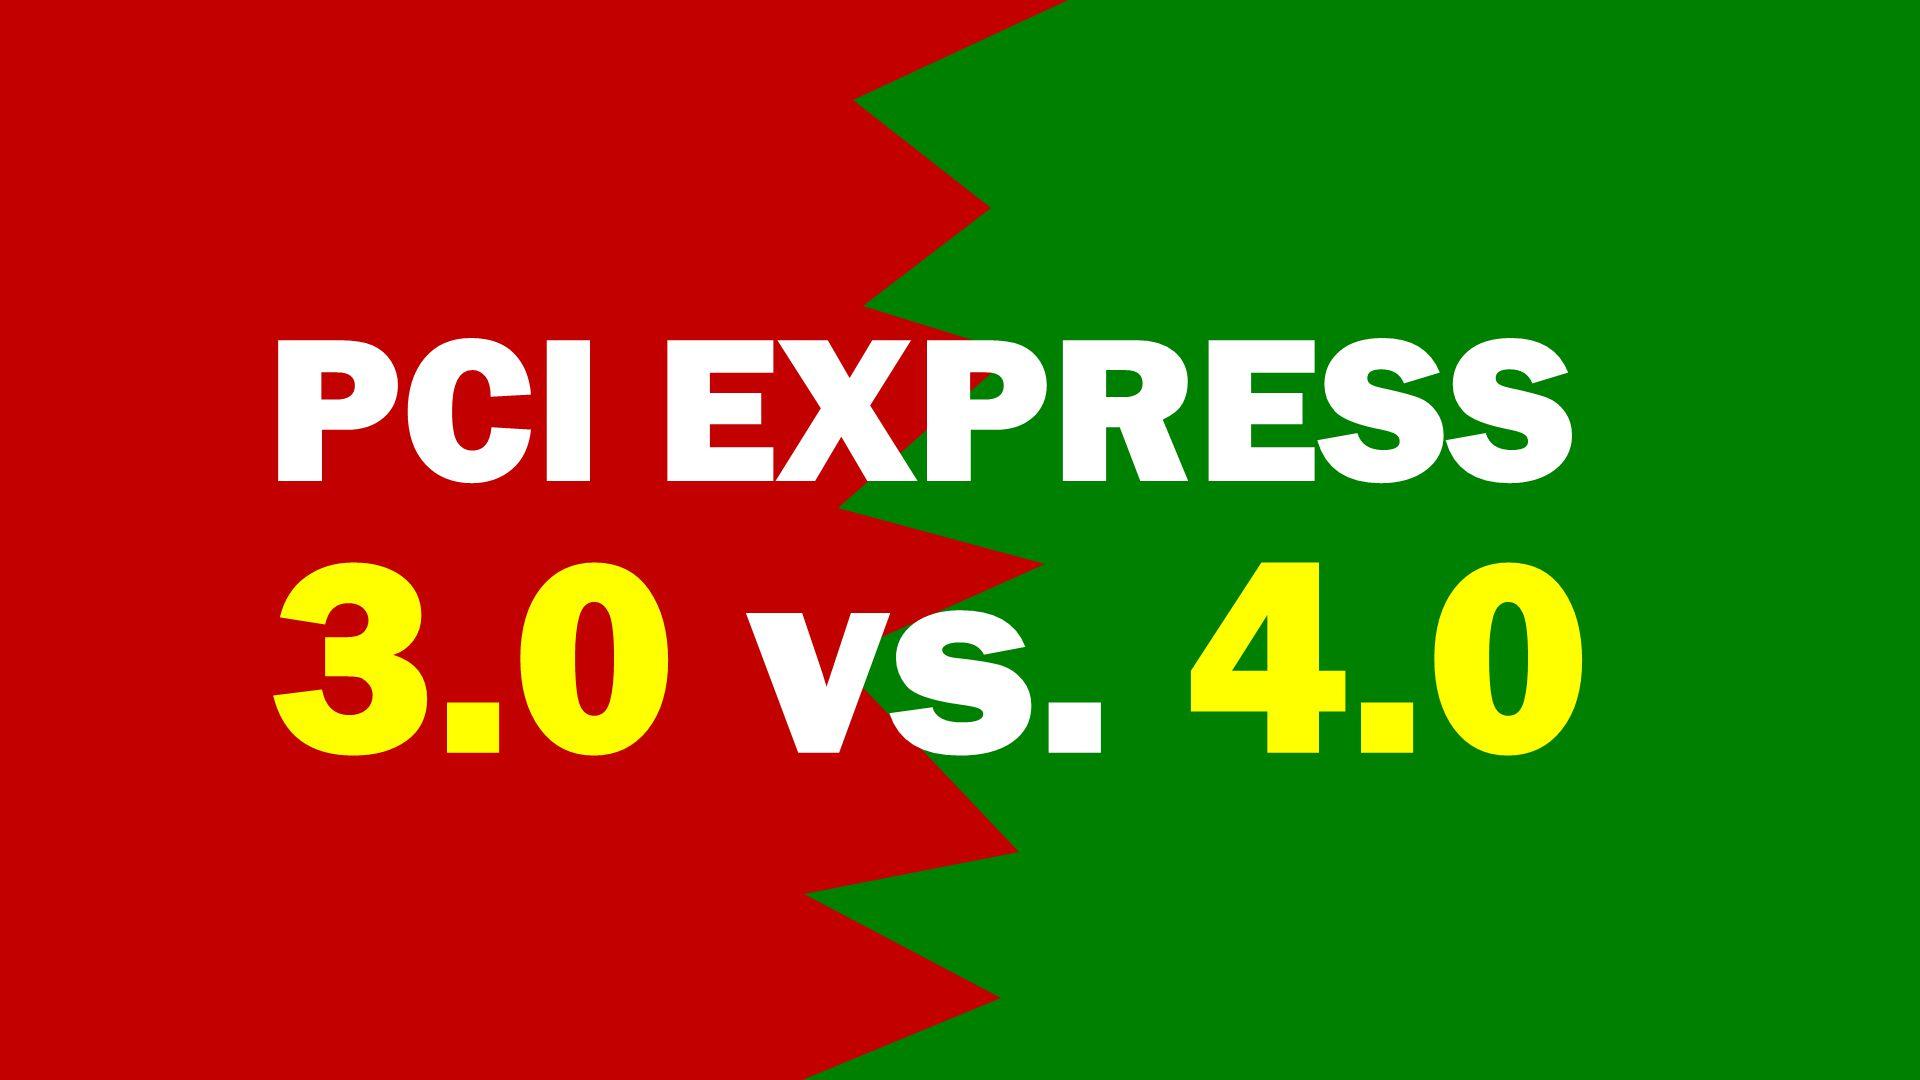 PCI-Express 4.0 vs. 3.0 im Test - Vorteil oder Gleichstand? Echte Workloads sorgen ab und zu für Aha-Momente! | Praxistest